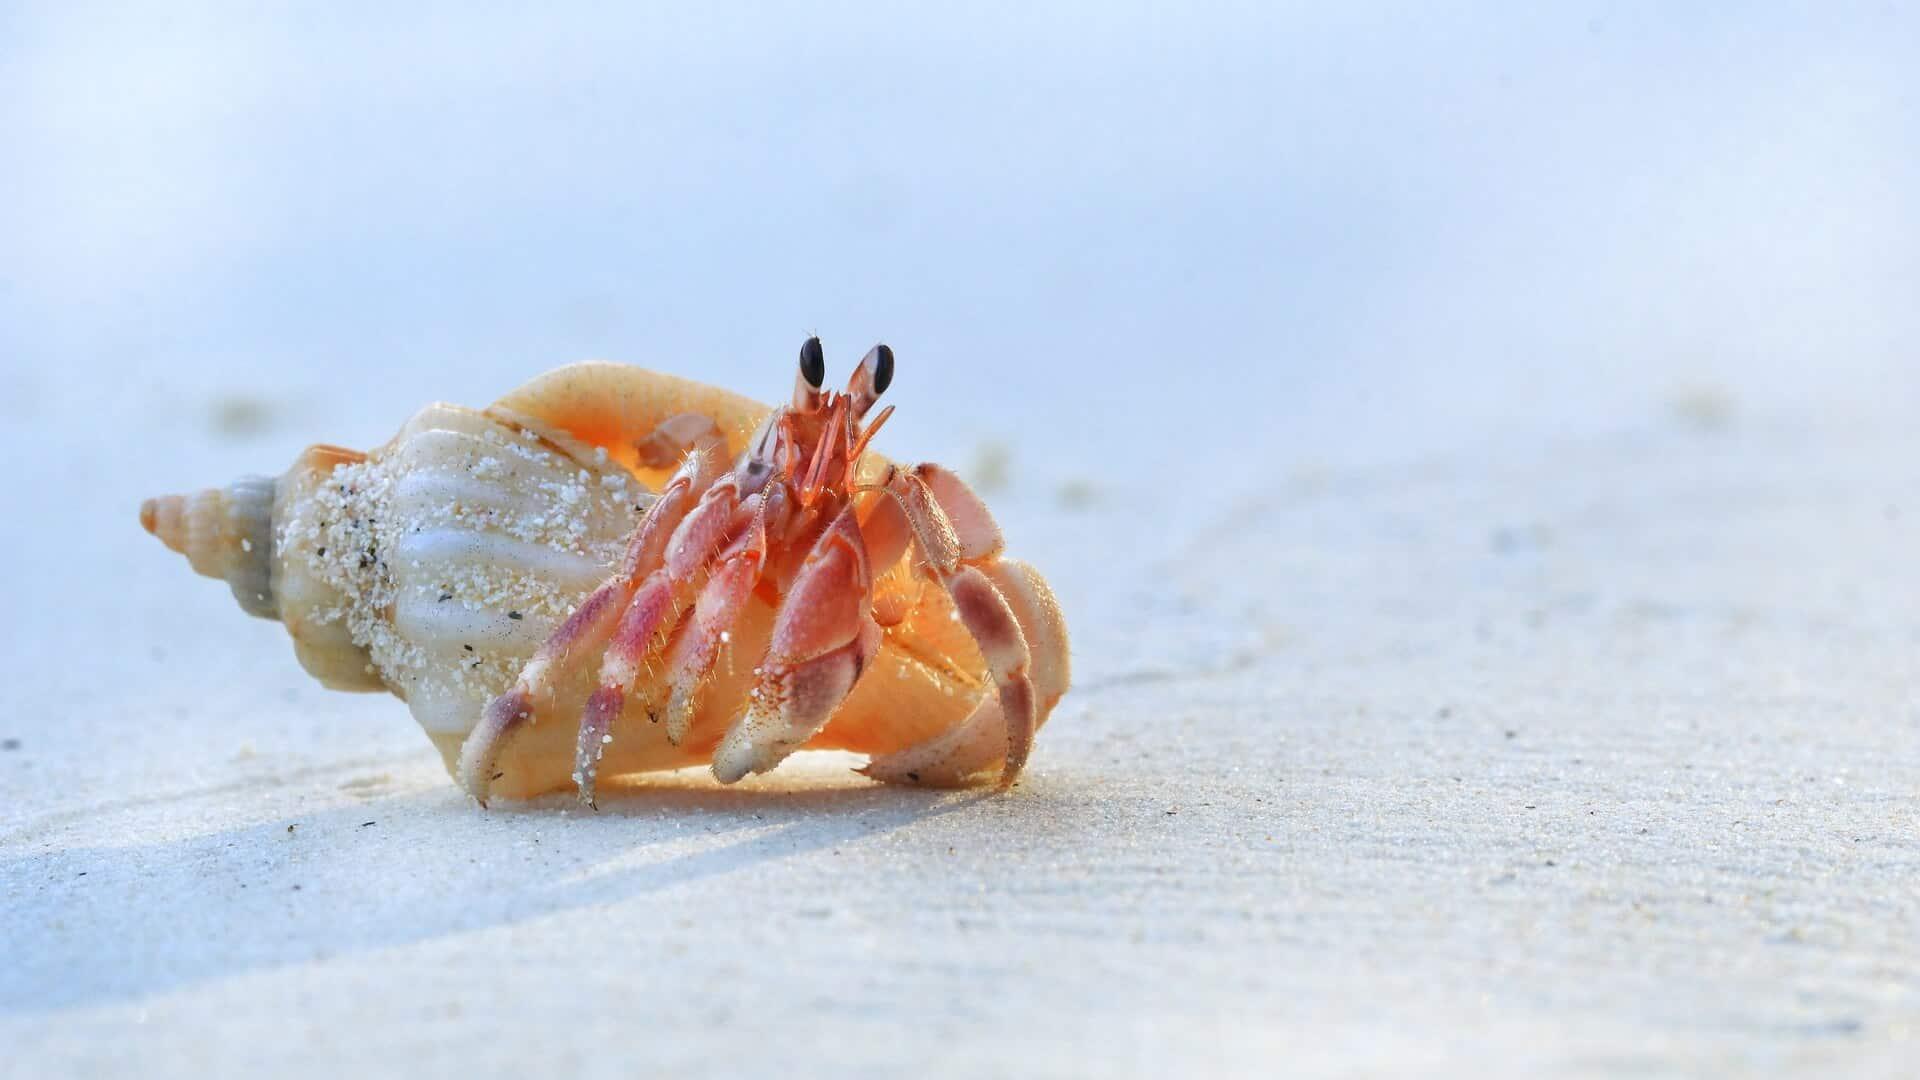 Race of hermit crabs